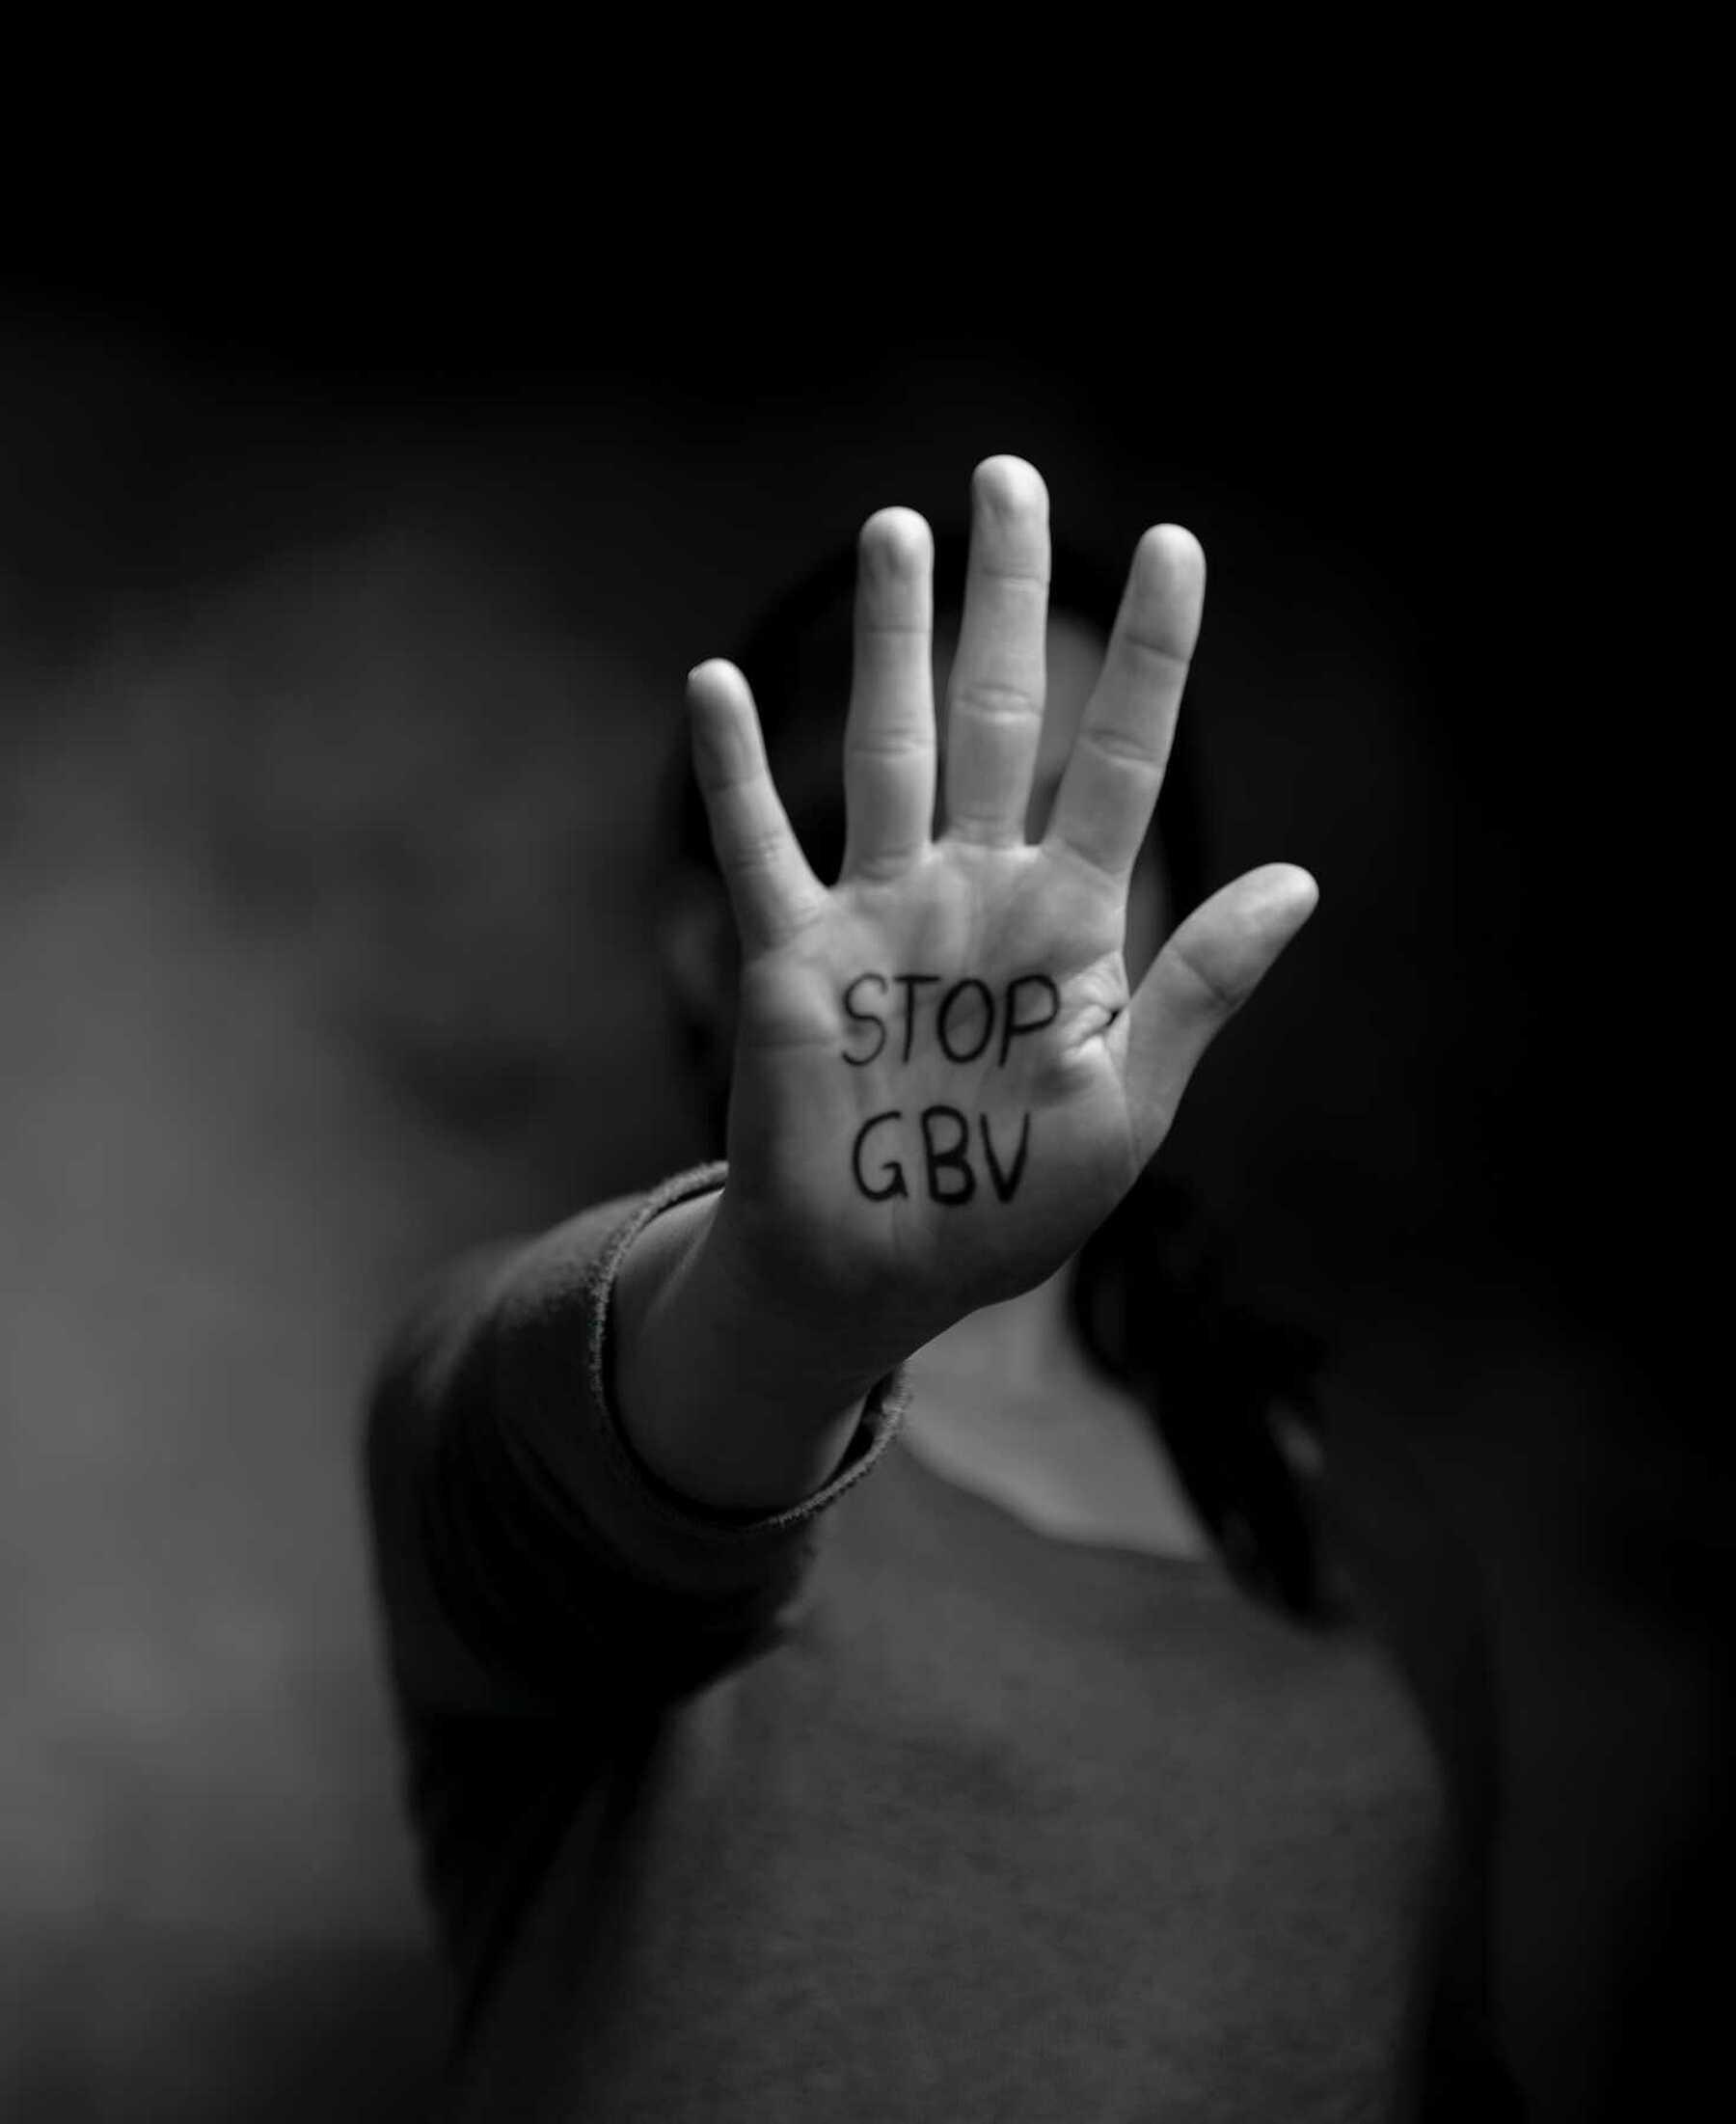 Nieuwe Europese wet kan doorbraak zijn in strijd tegen gender gerelateerd geweld